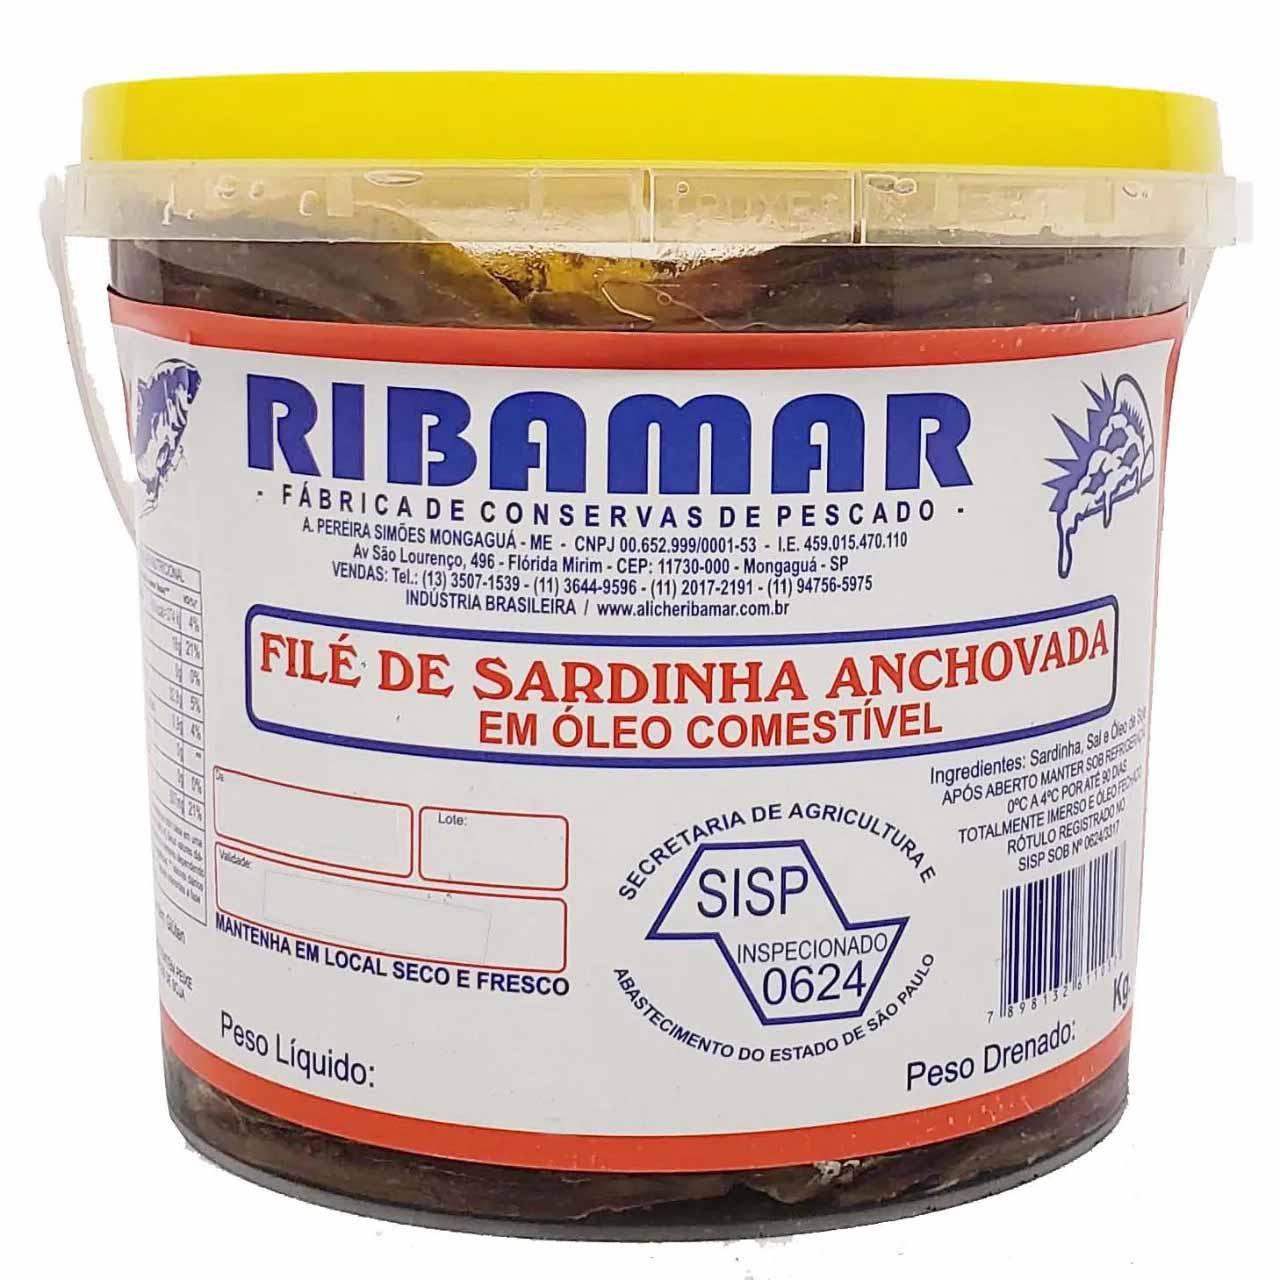 Filé de Sardinha Anchovada Ribamar - 2,1kg -